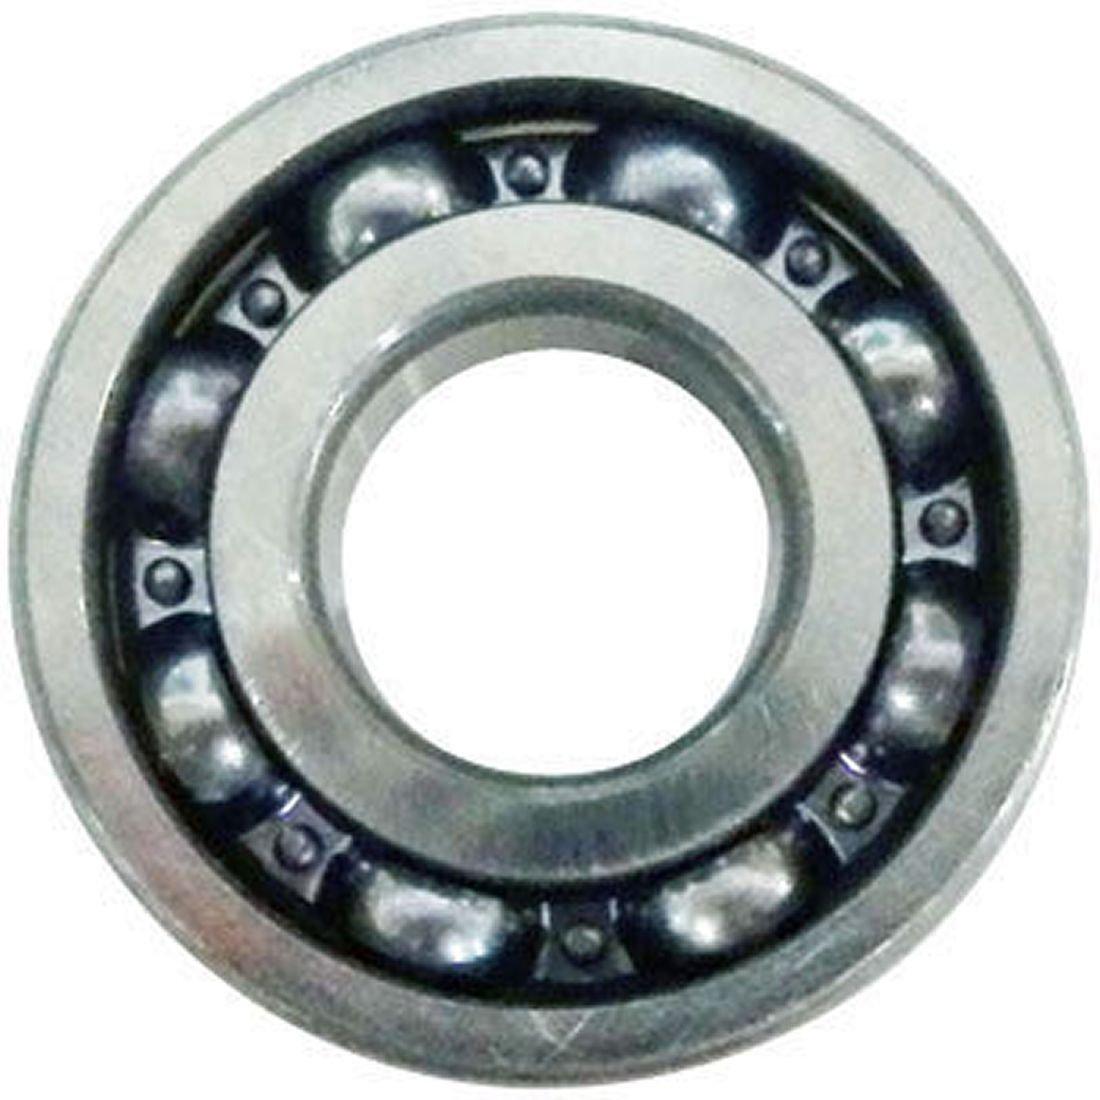 NTNミニチュアベアリングスチール 開放形 608 内径8mm 外径22mm 幅7mm